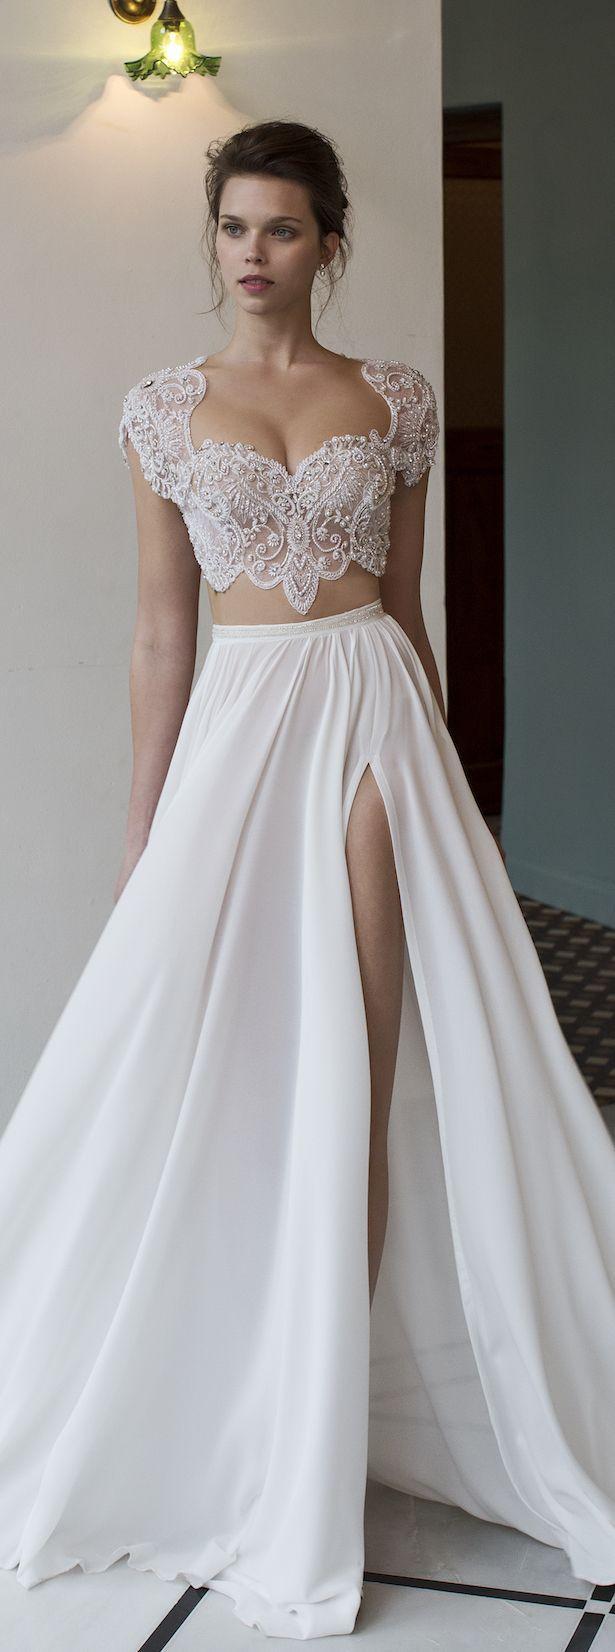 Hochzeit - Bridal Trends: Two- Piece Wedding Dresses